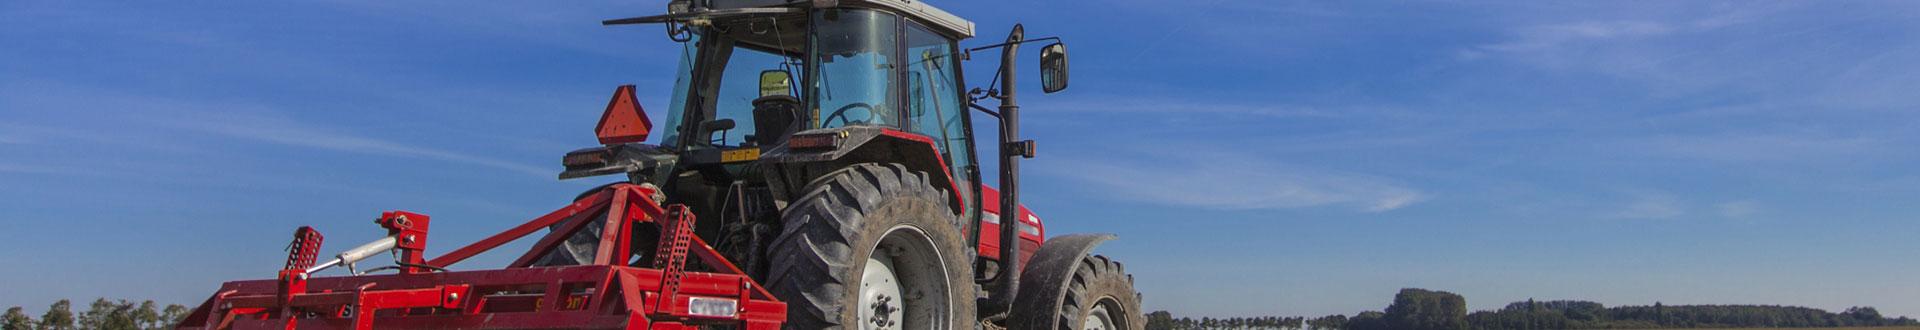 tractor rijbewijs halen